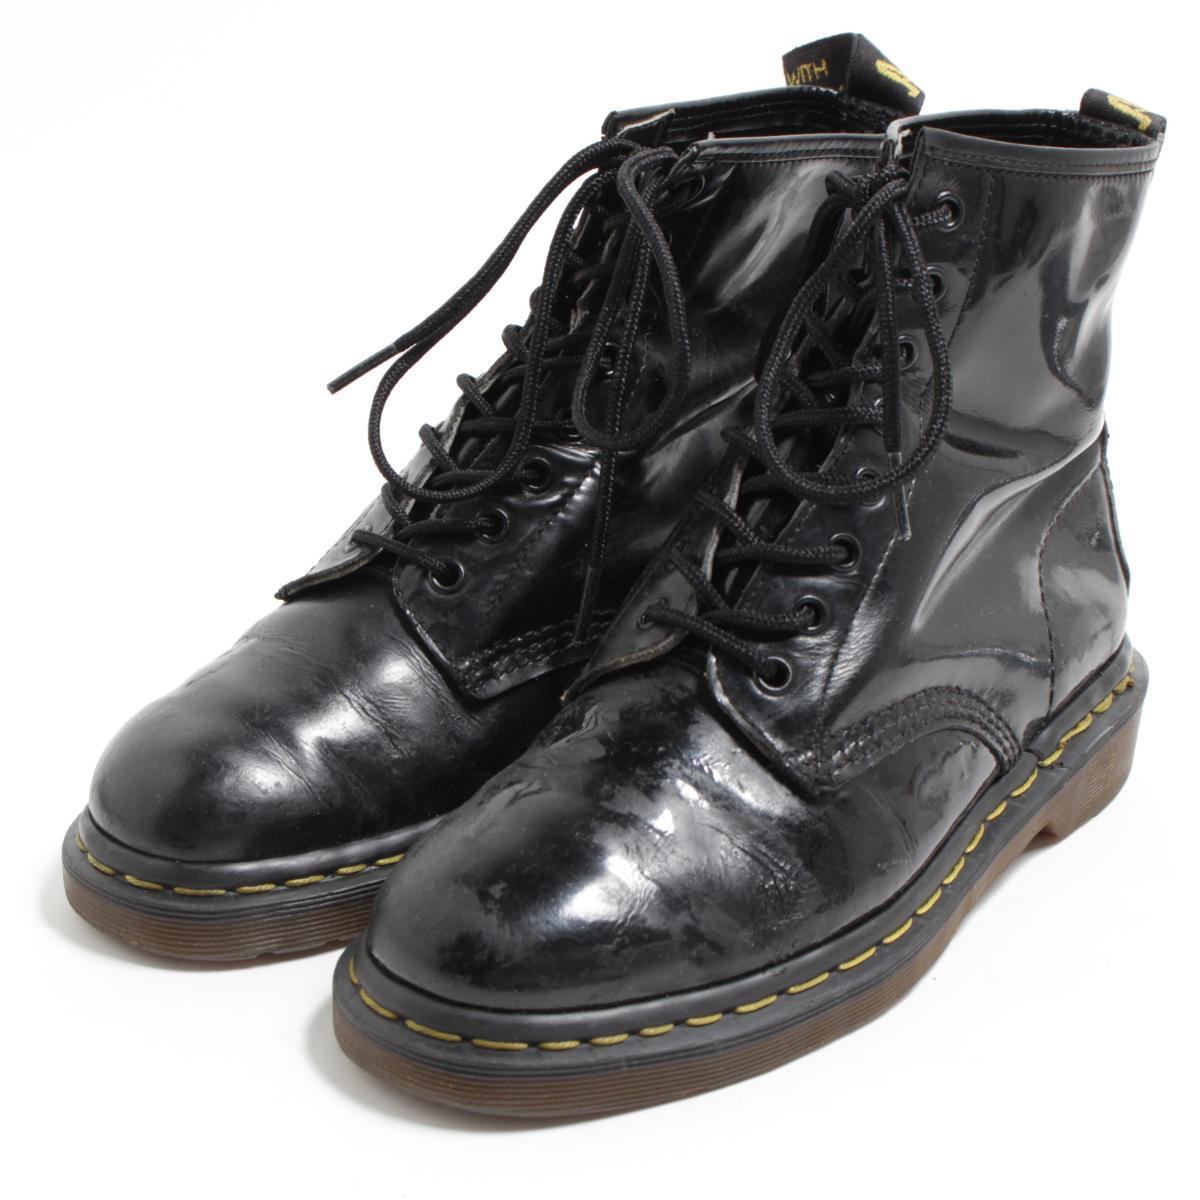 ドクターマーチン Dr.Martens 8ホールブーツ 英国製 UK6 メンズ24.5cm /bon1015 【中古】【古着屋JAM】 【180623】